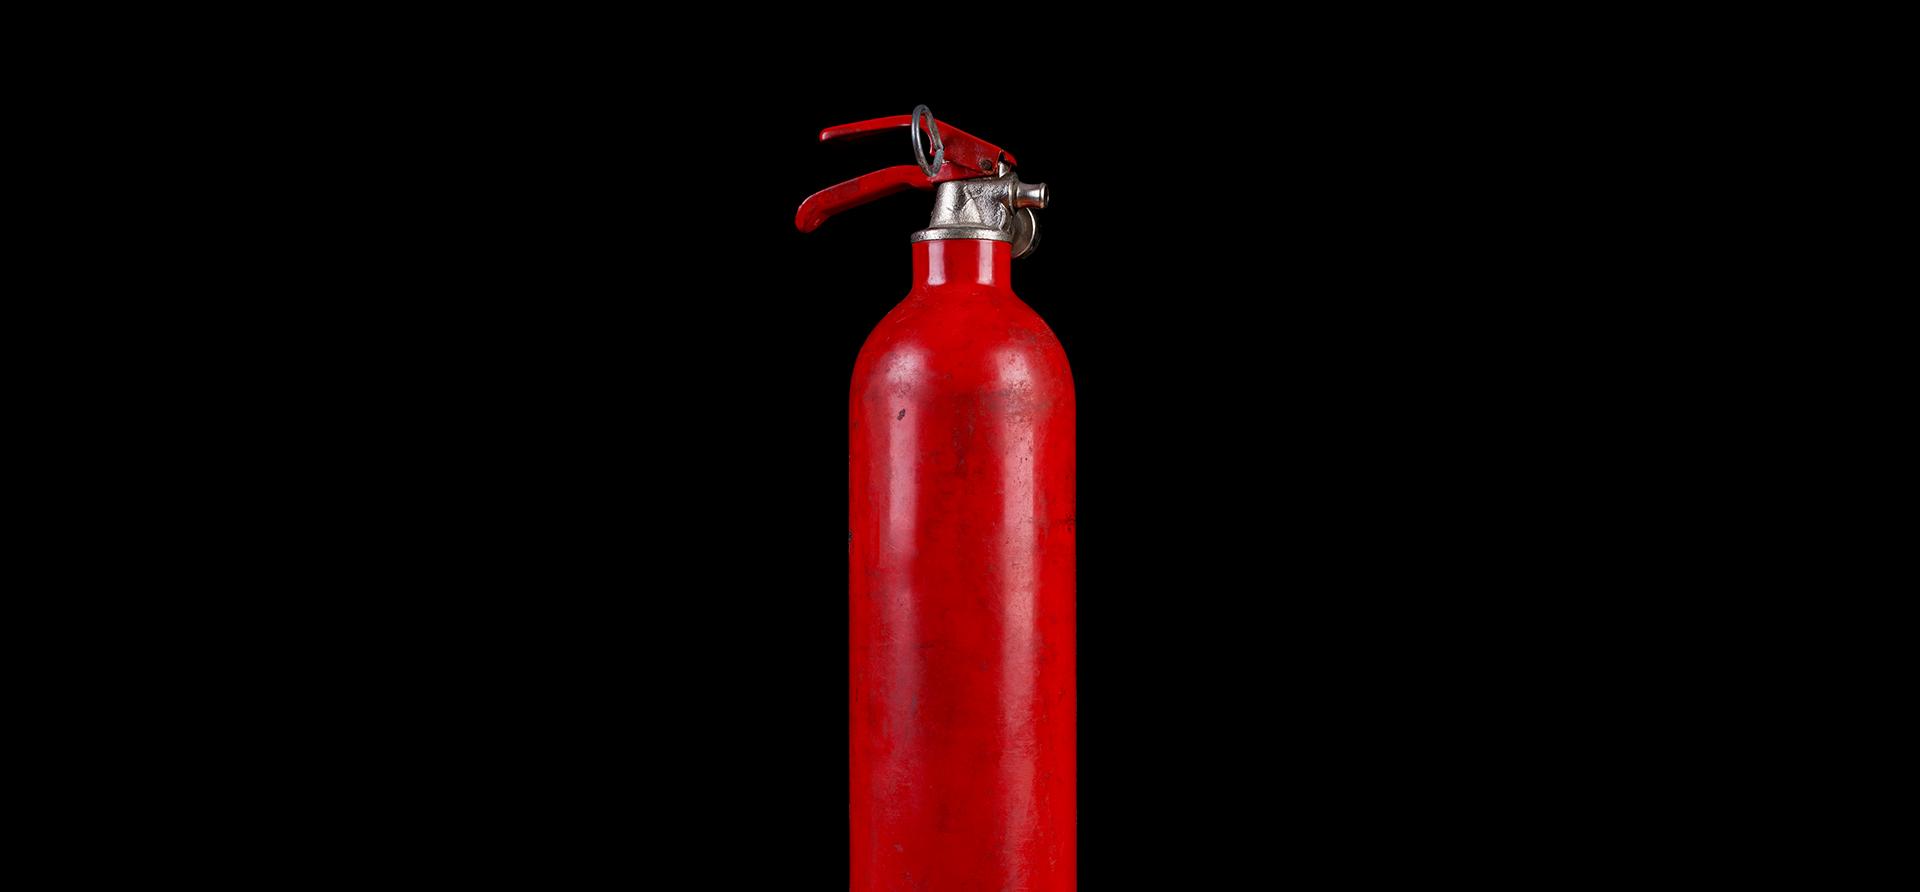 Asesoría y consultoría en prevención de incendios